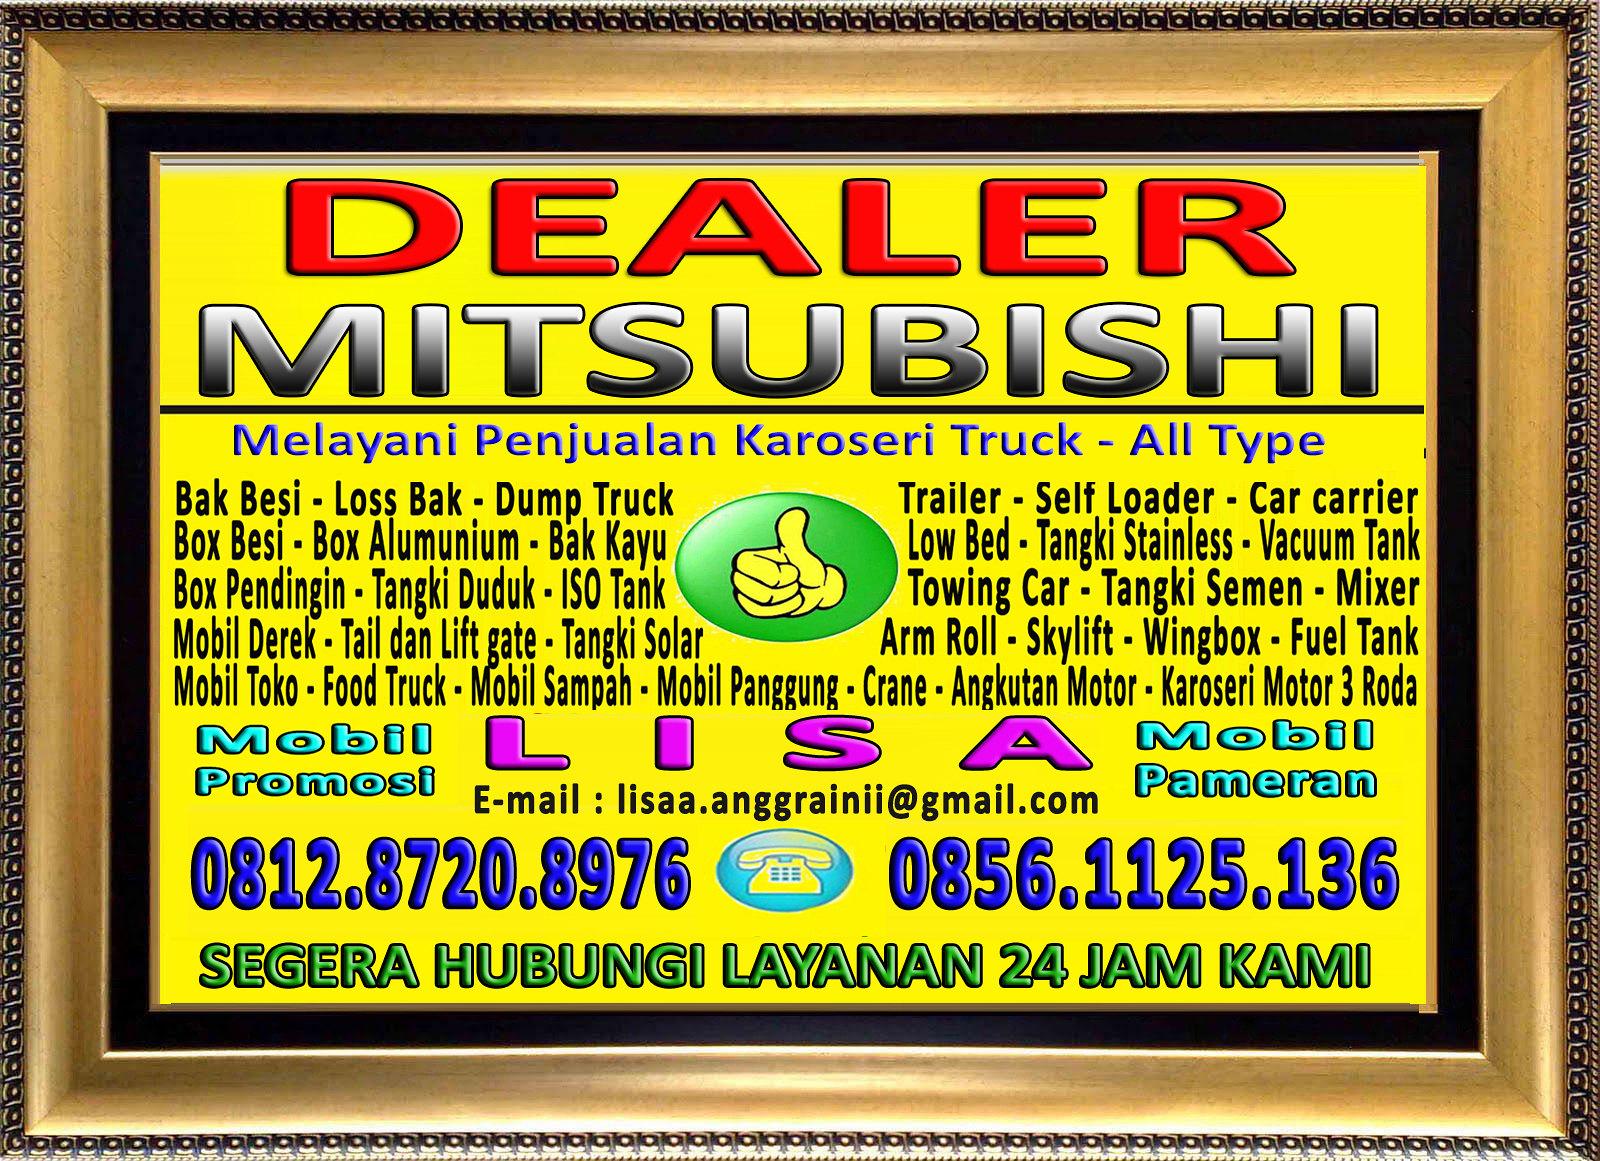 Bingkai Logo Dealer Mitsubishi - Lisa